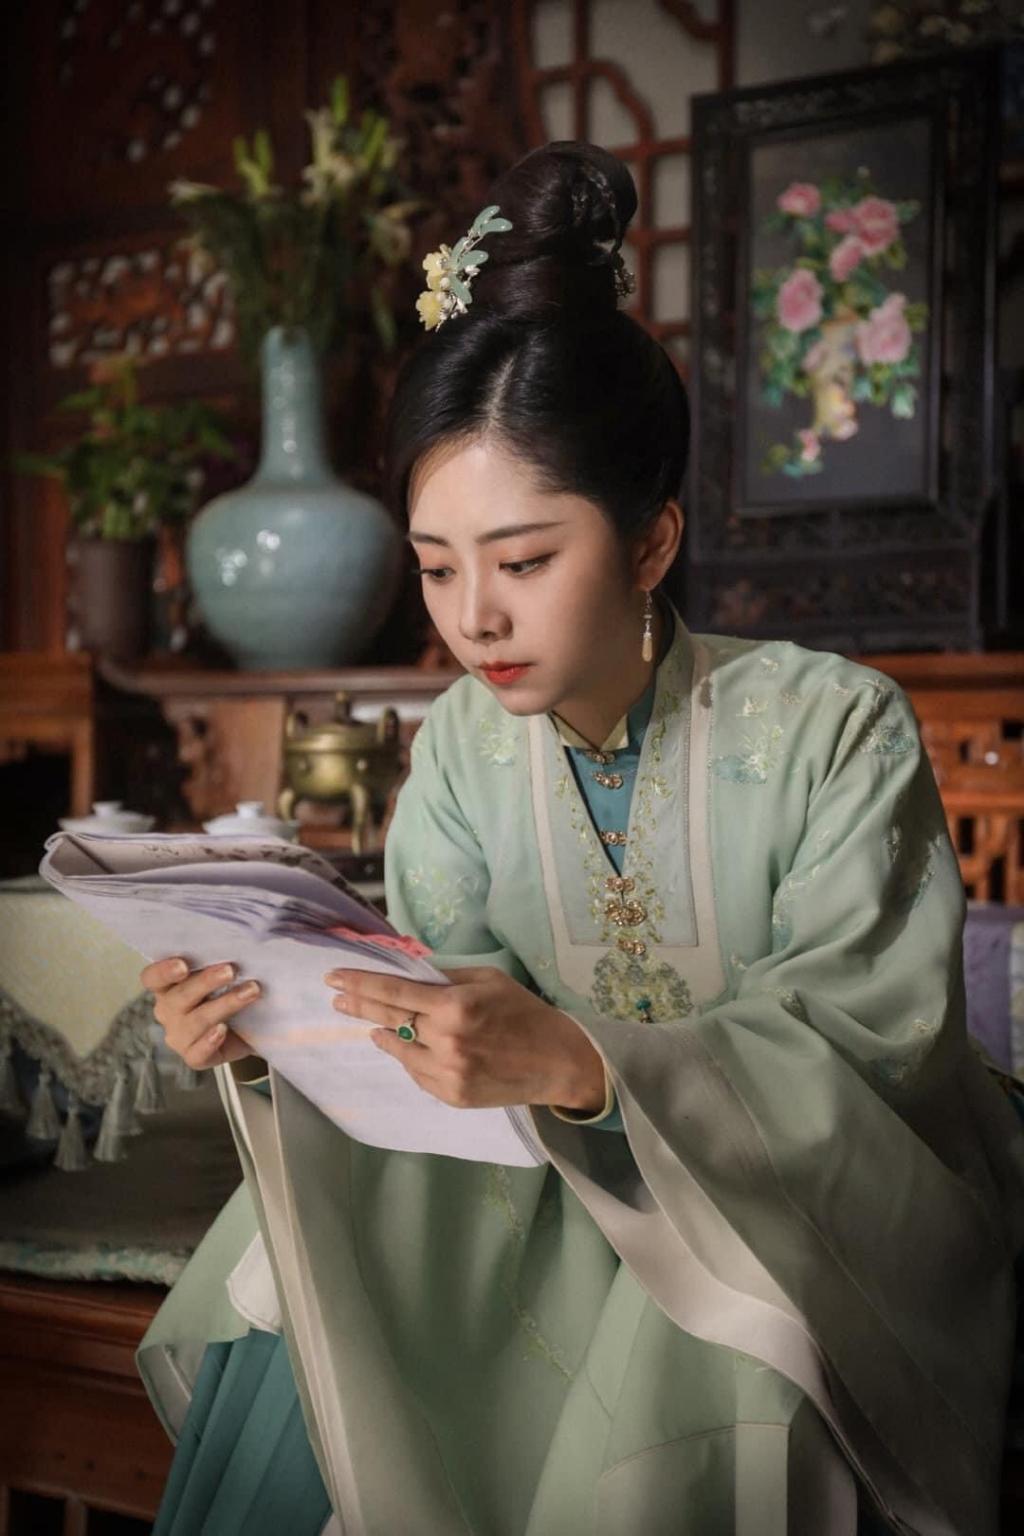 Đàm Tùng Vận - áp lực vượt qua cái bóng của 'Cẩm Y Chi Hạ' để diễn xuất thần trong 'Cẩm Tâm Tựa Ngọc'